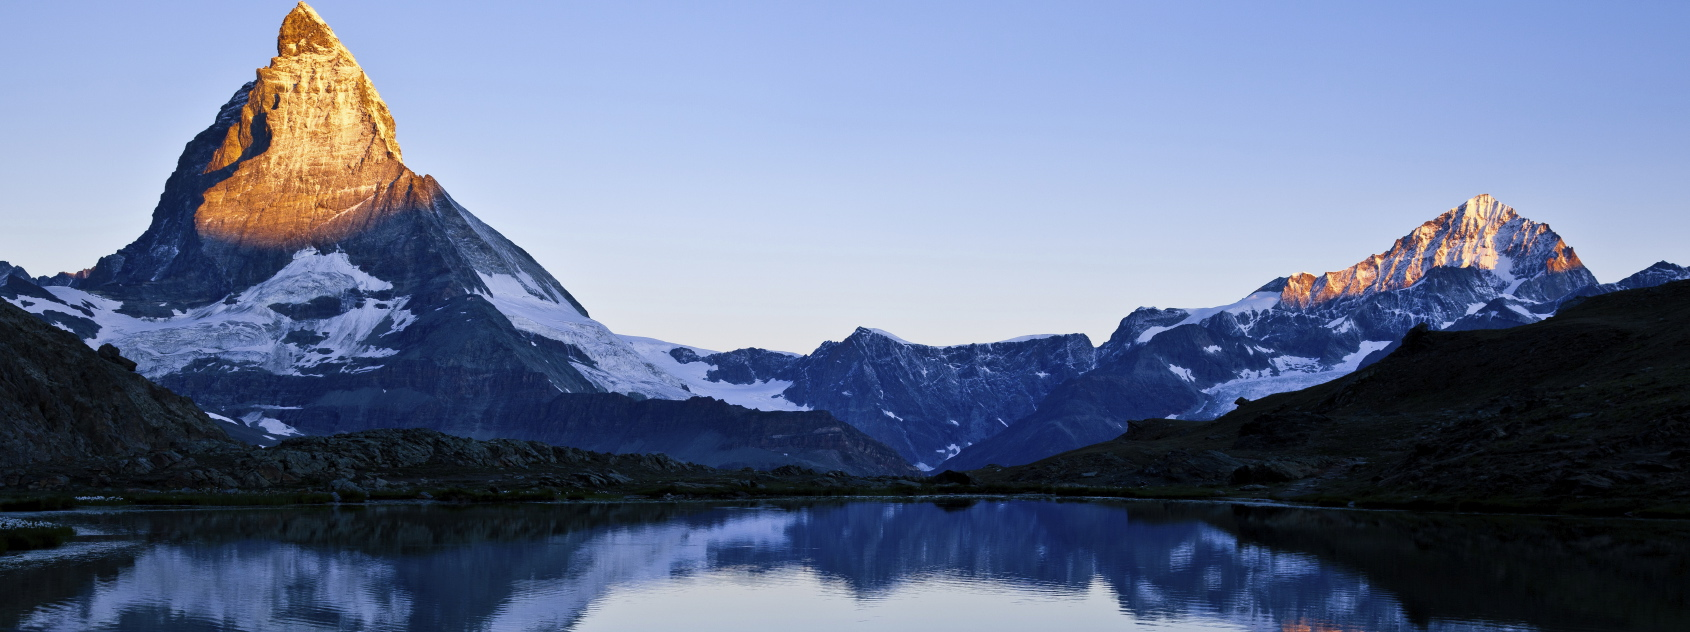 Matterhorn i Schweiz